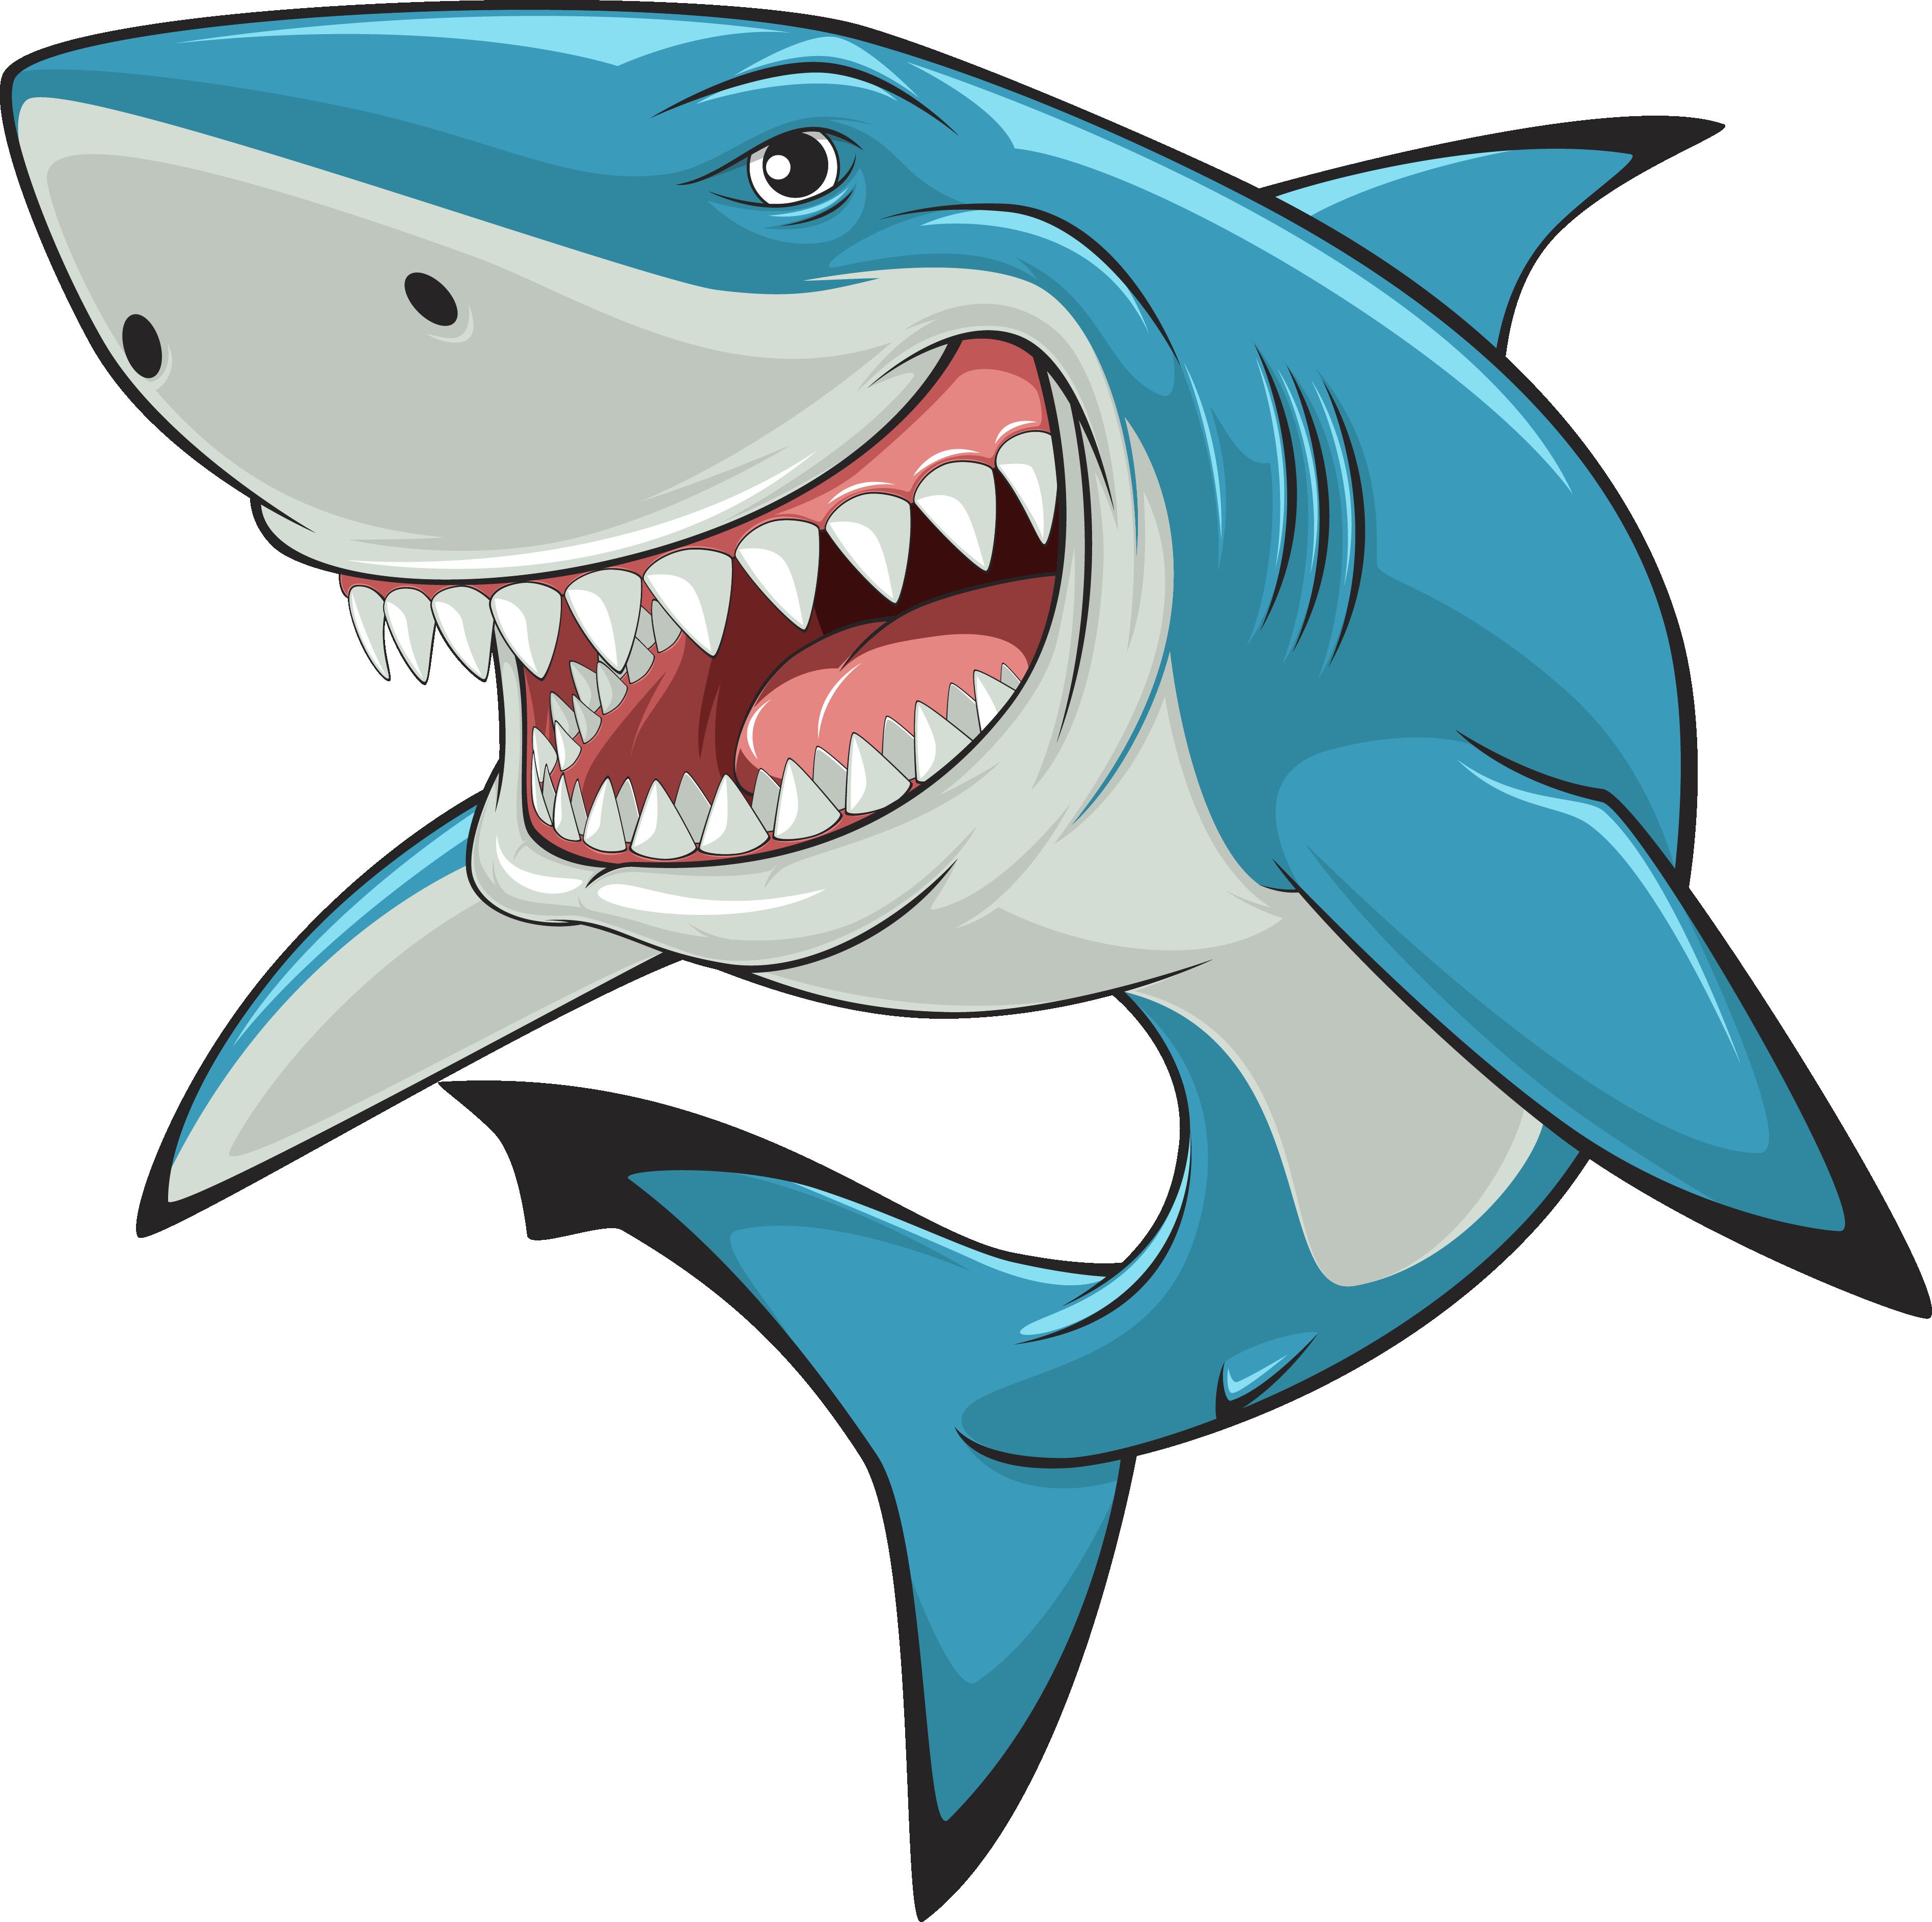 Clipart shark lemon shark. Hammerhead great white clip